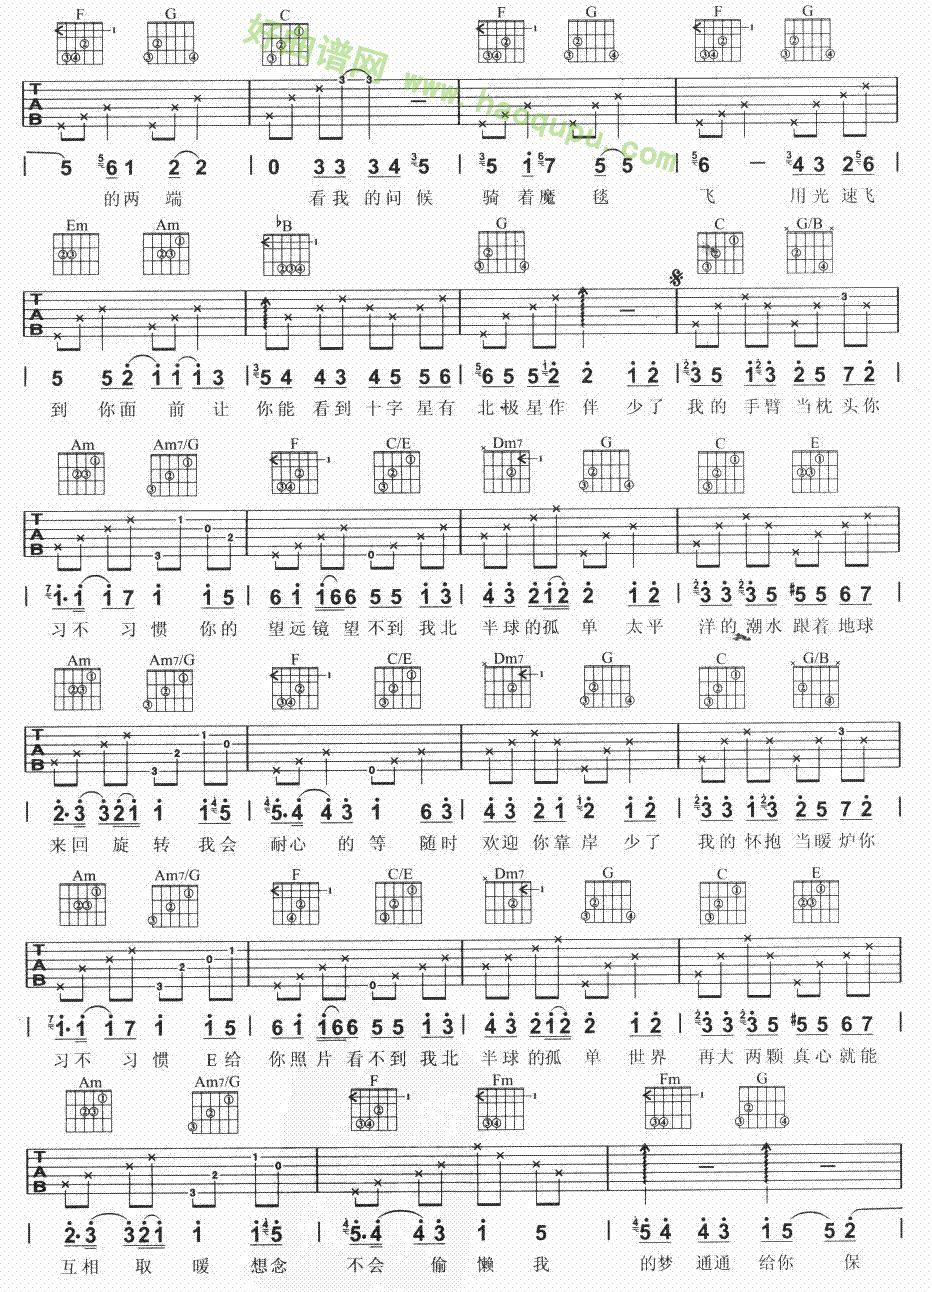 北派送情郎曲谱-孤单北半球 吉他谱  《孤单北半球》吉他谱简介